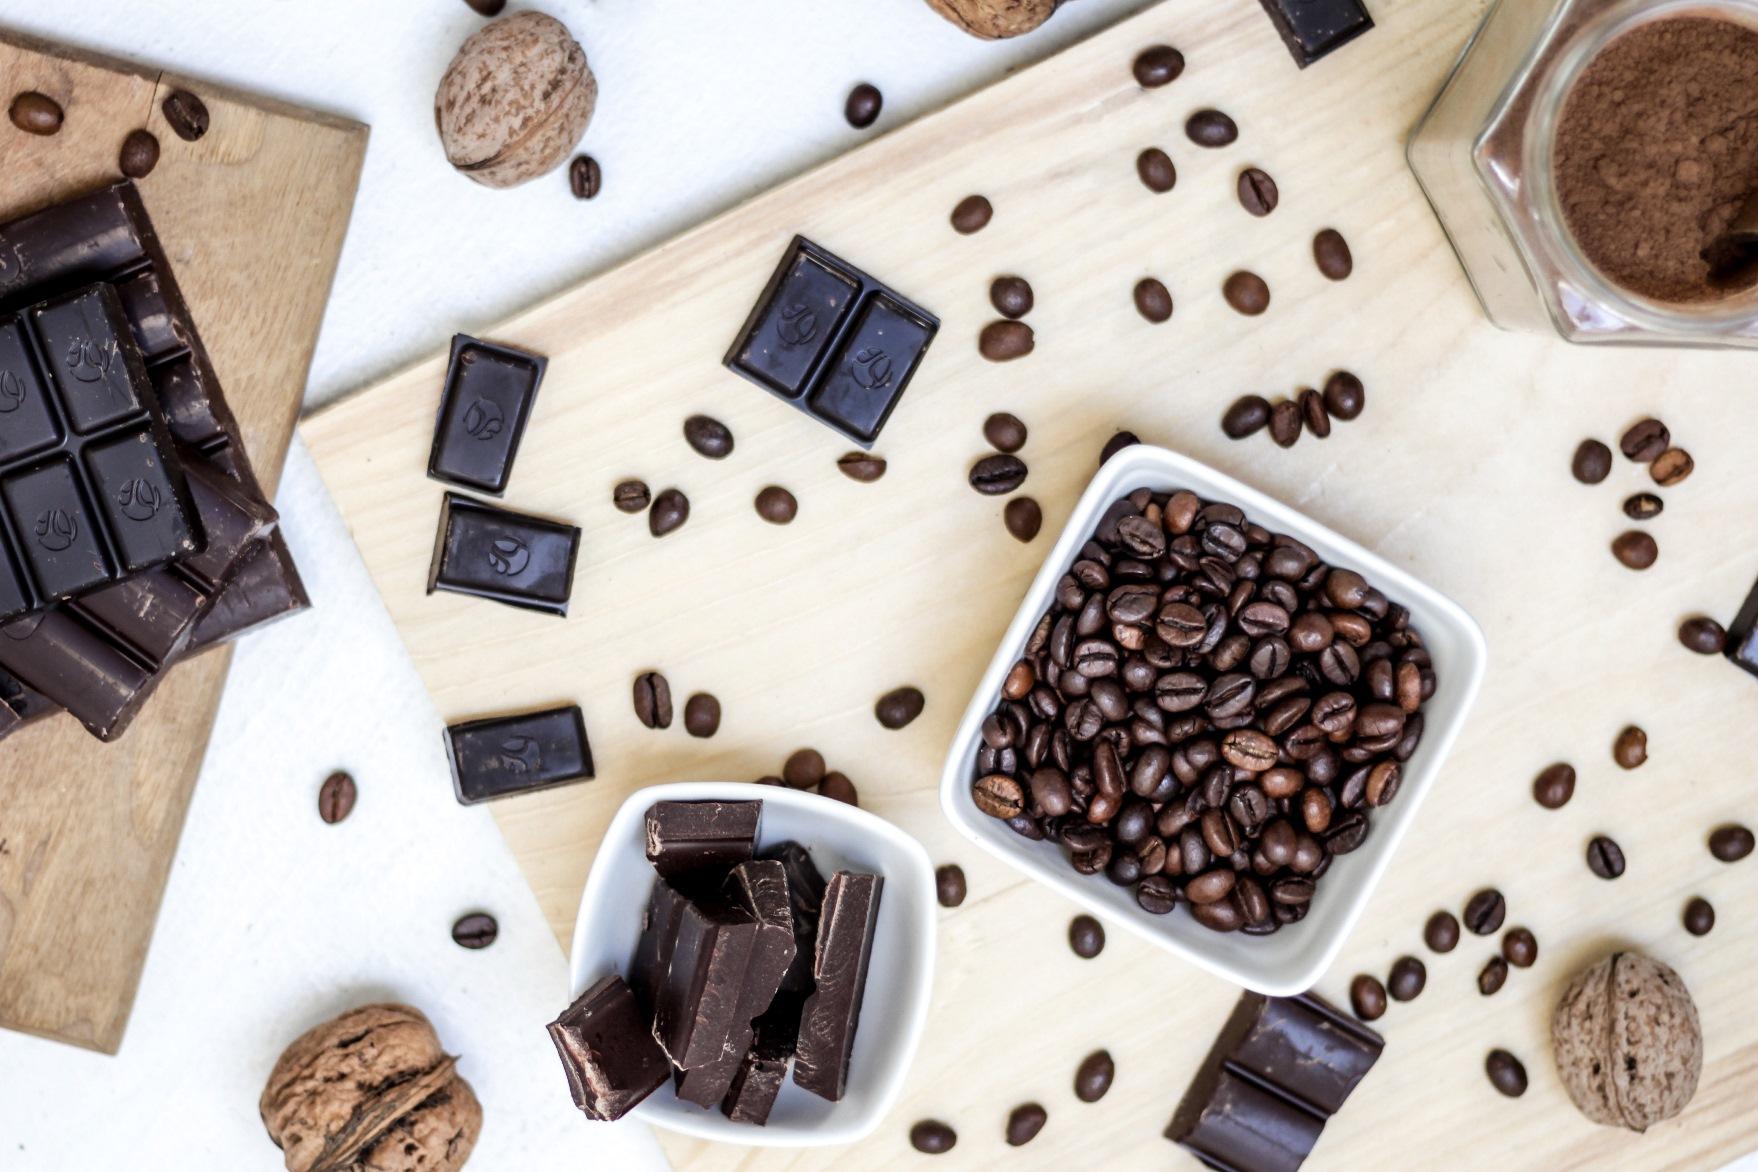 Chocolate Workshops at Cheshire Chocolate Studio